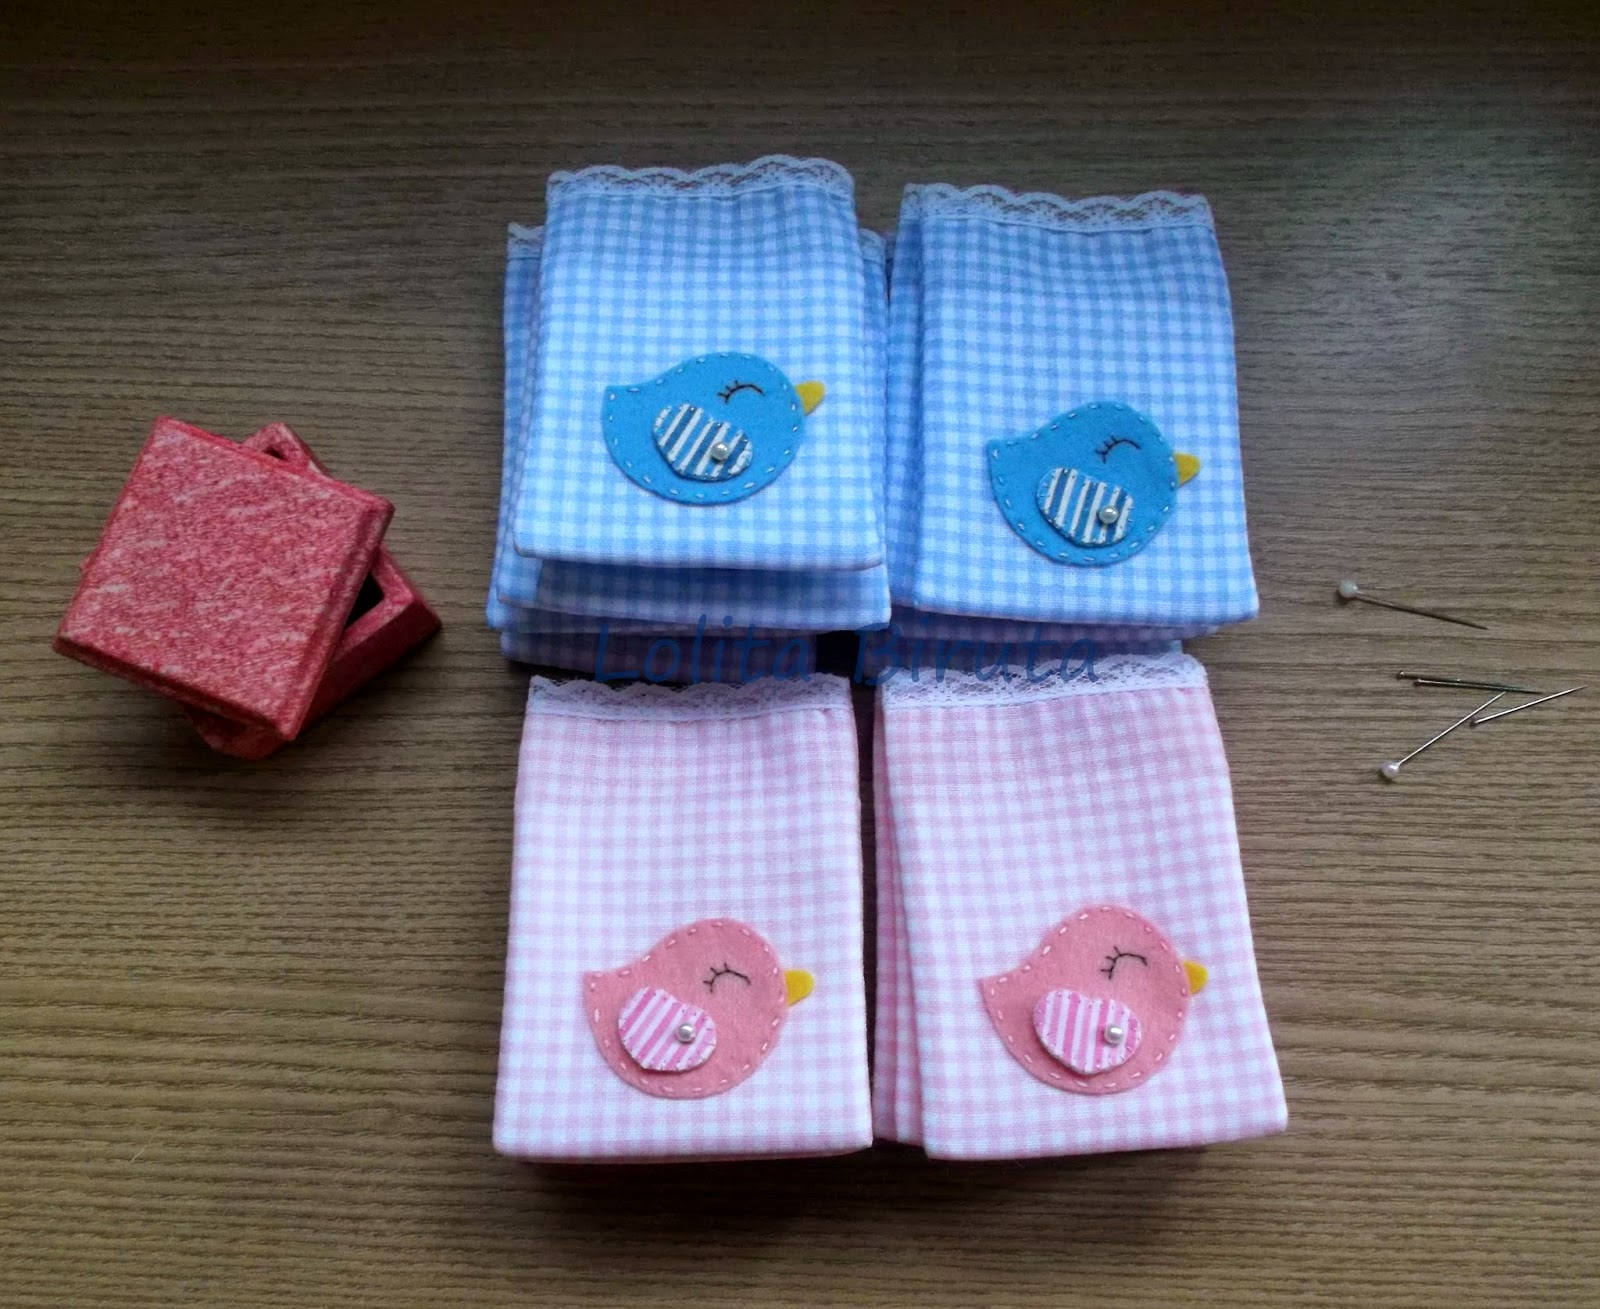 Saquinhos de algodão estampado com aplicação de passarinho para sachês